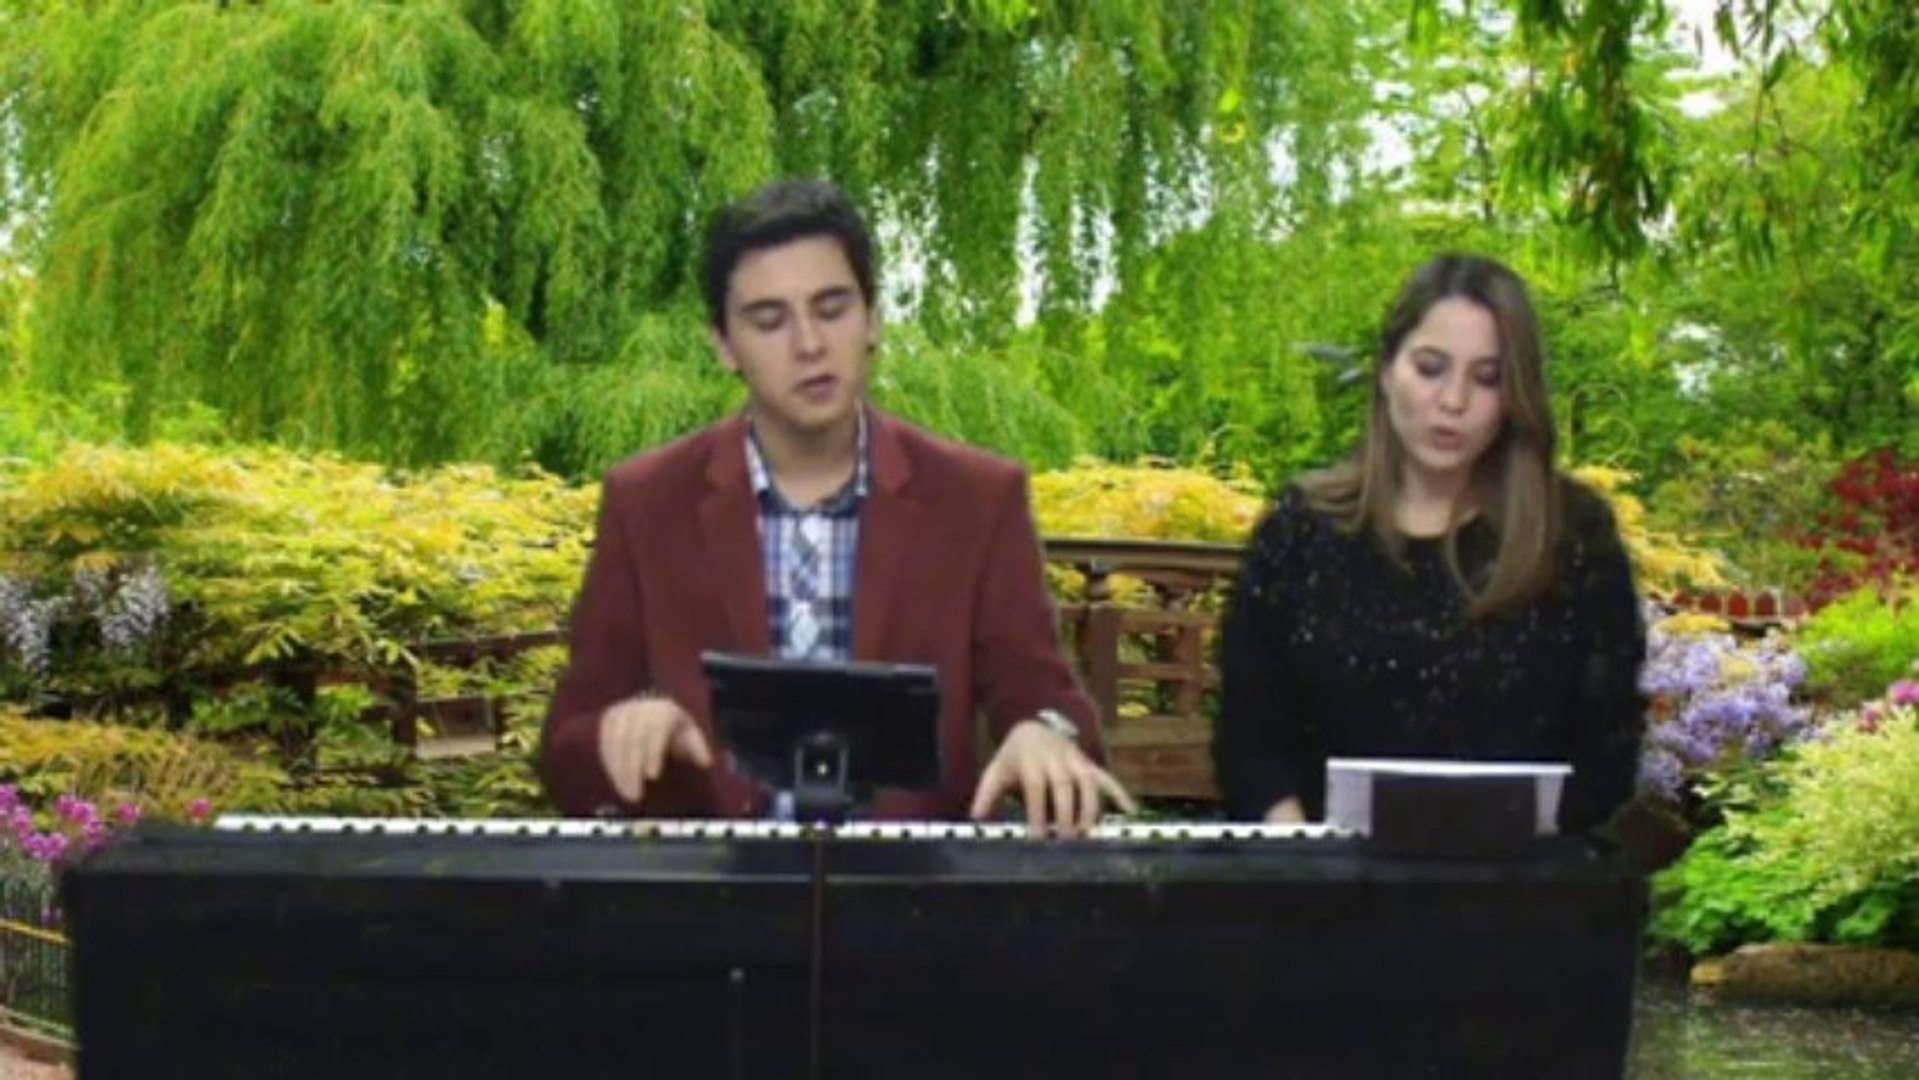 Piyano Türk Müziği BÜLBÜLÜM ALTIN KAFESTE Şarkıcı: Burcu RUMELİ TÜRKÜSÜ ATATÜRK MP3 DİNLE ÇAL ÖĞREN